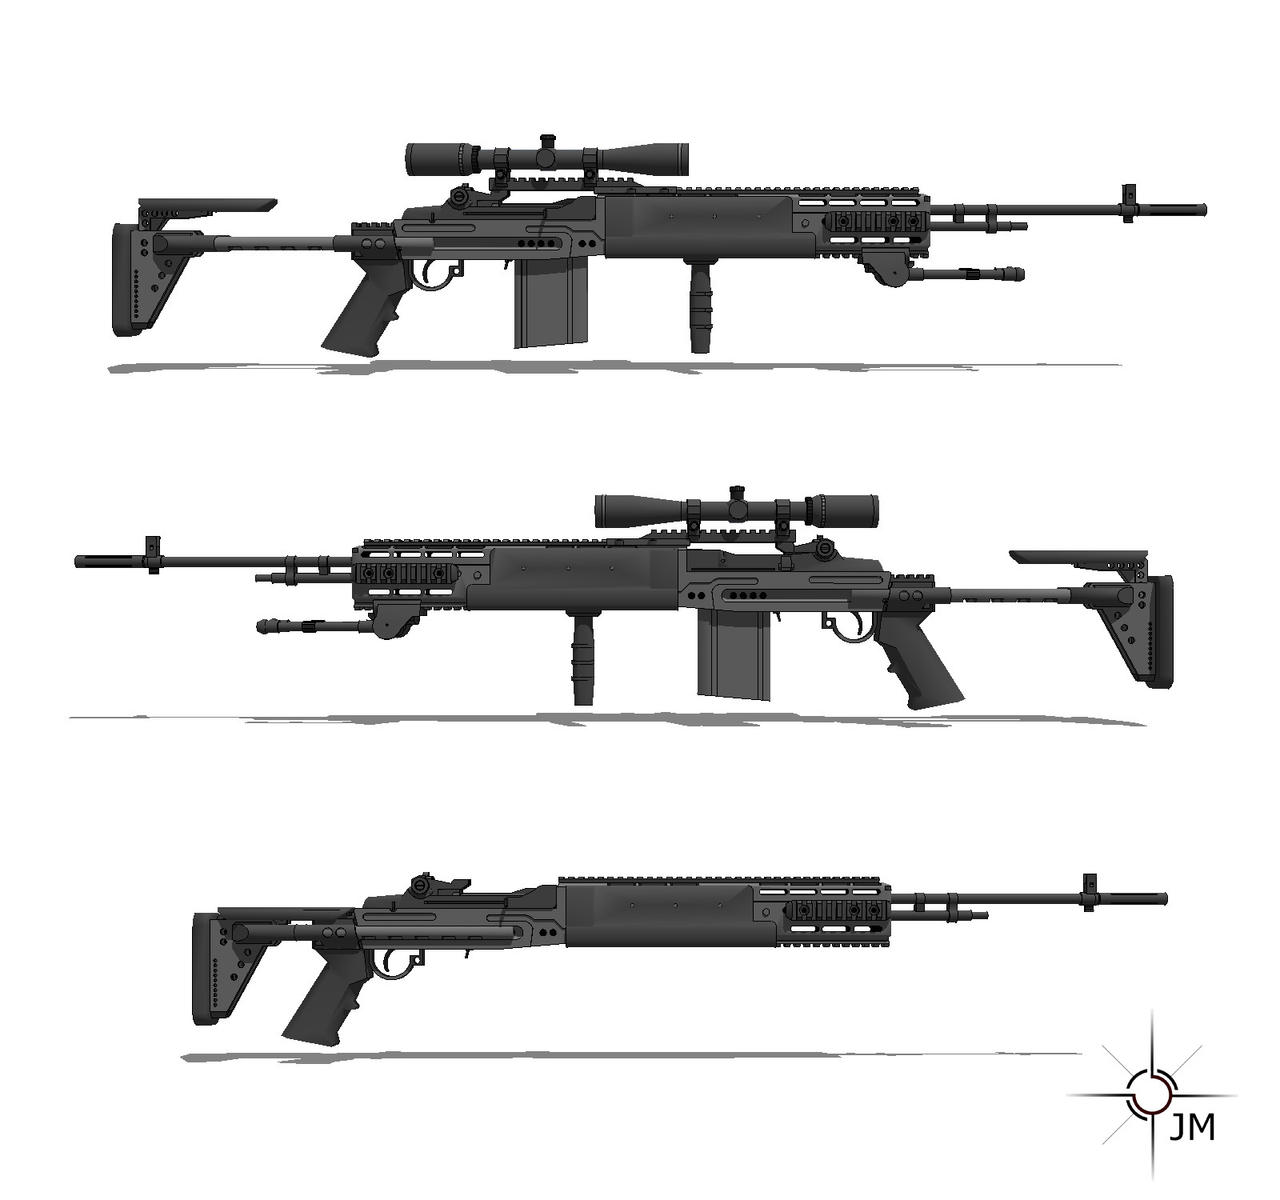 M14 EBR Side View by  M14 Ebr Mw2